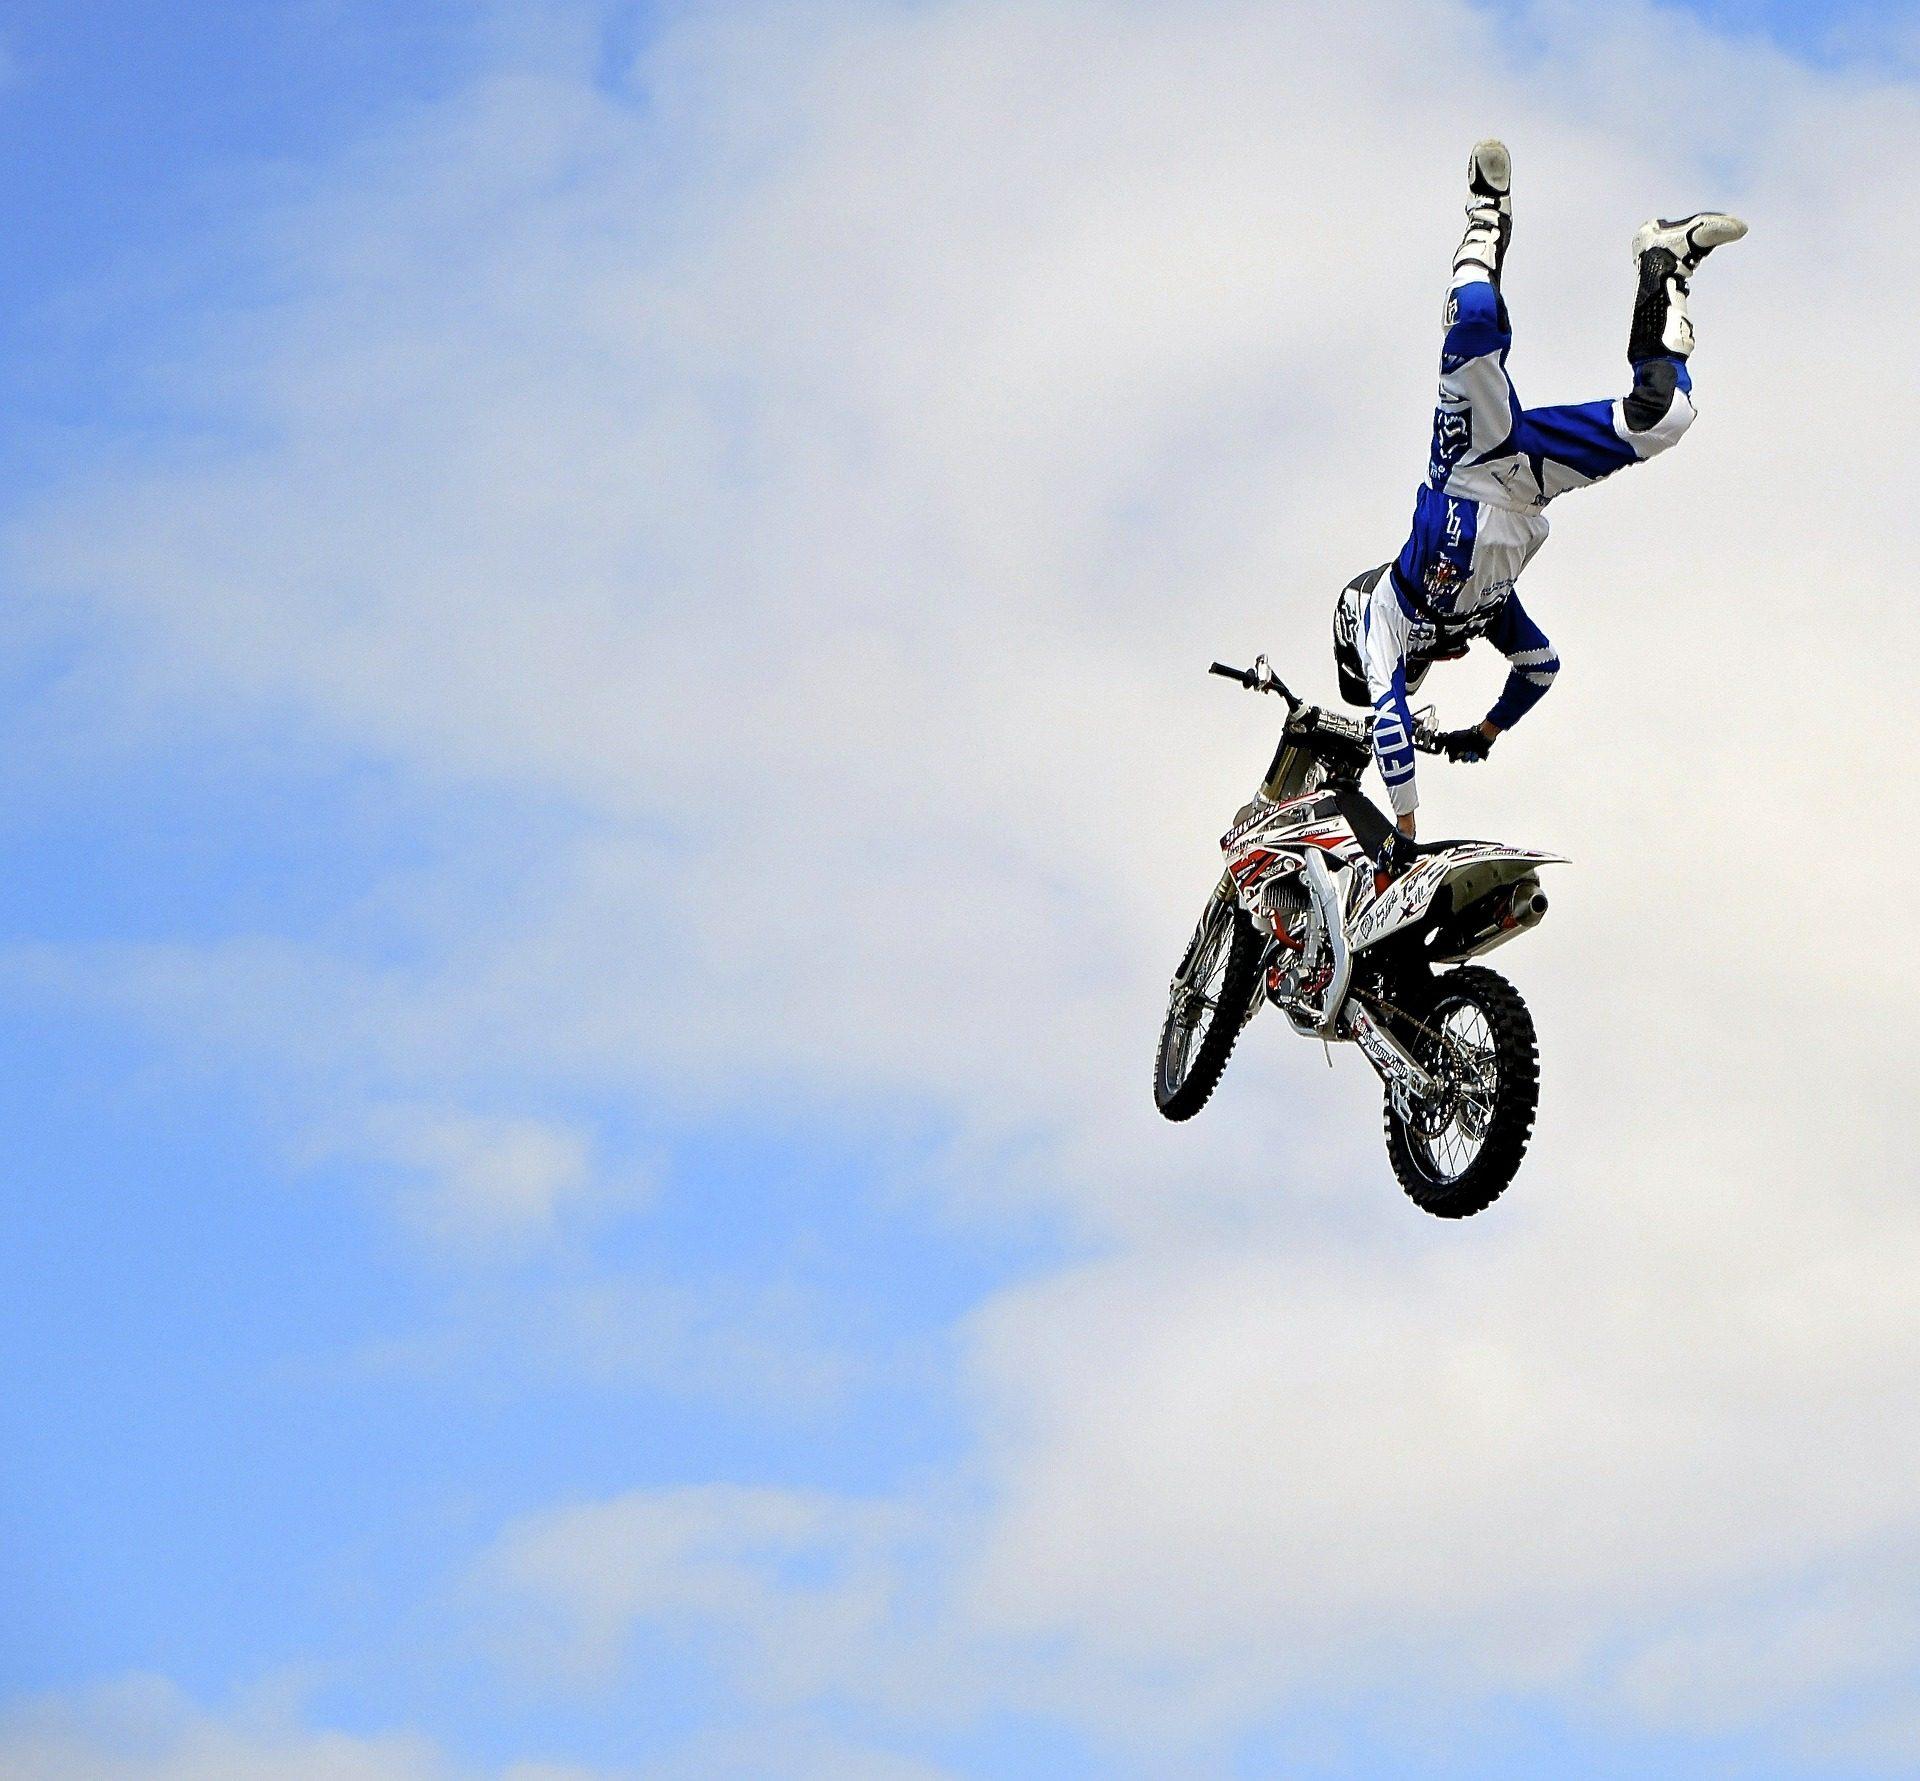 摩托车, 摩托车越野赛, 跳转, 风险, 危险, 行动 - 高清壁纸 - 教授-falken.com